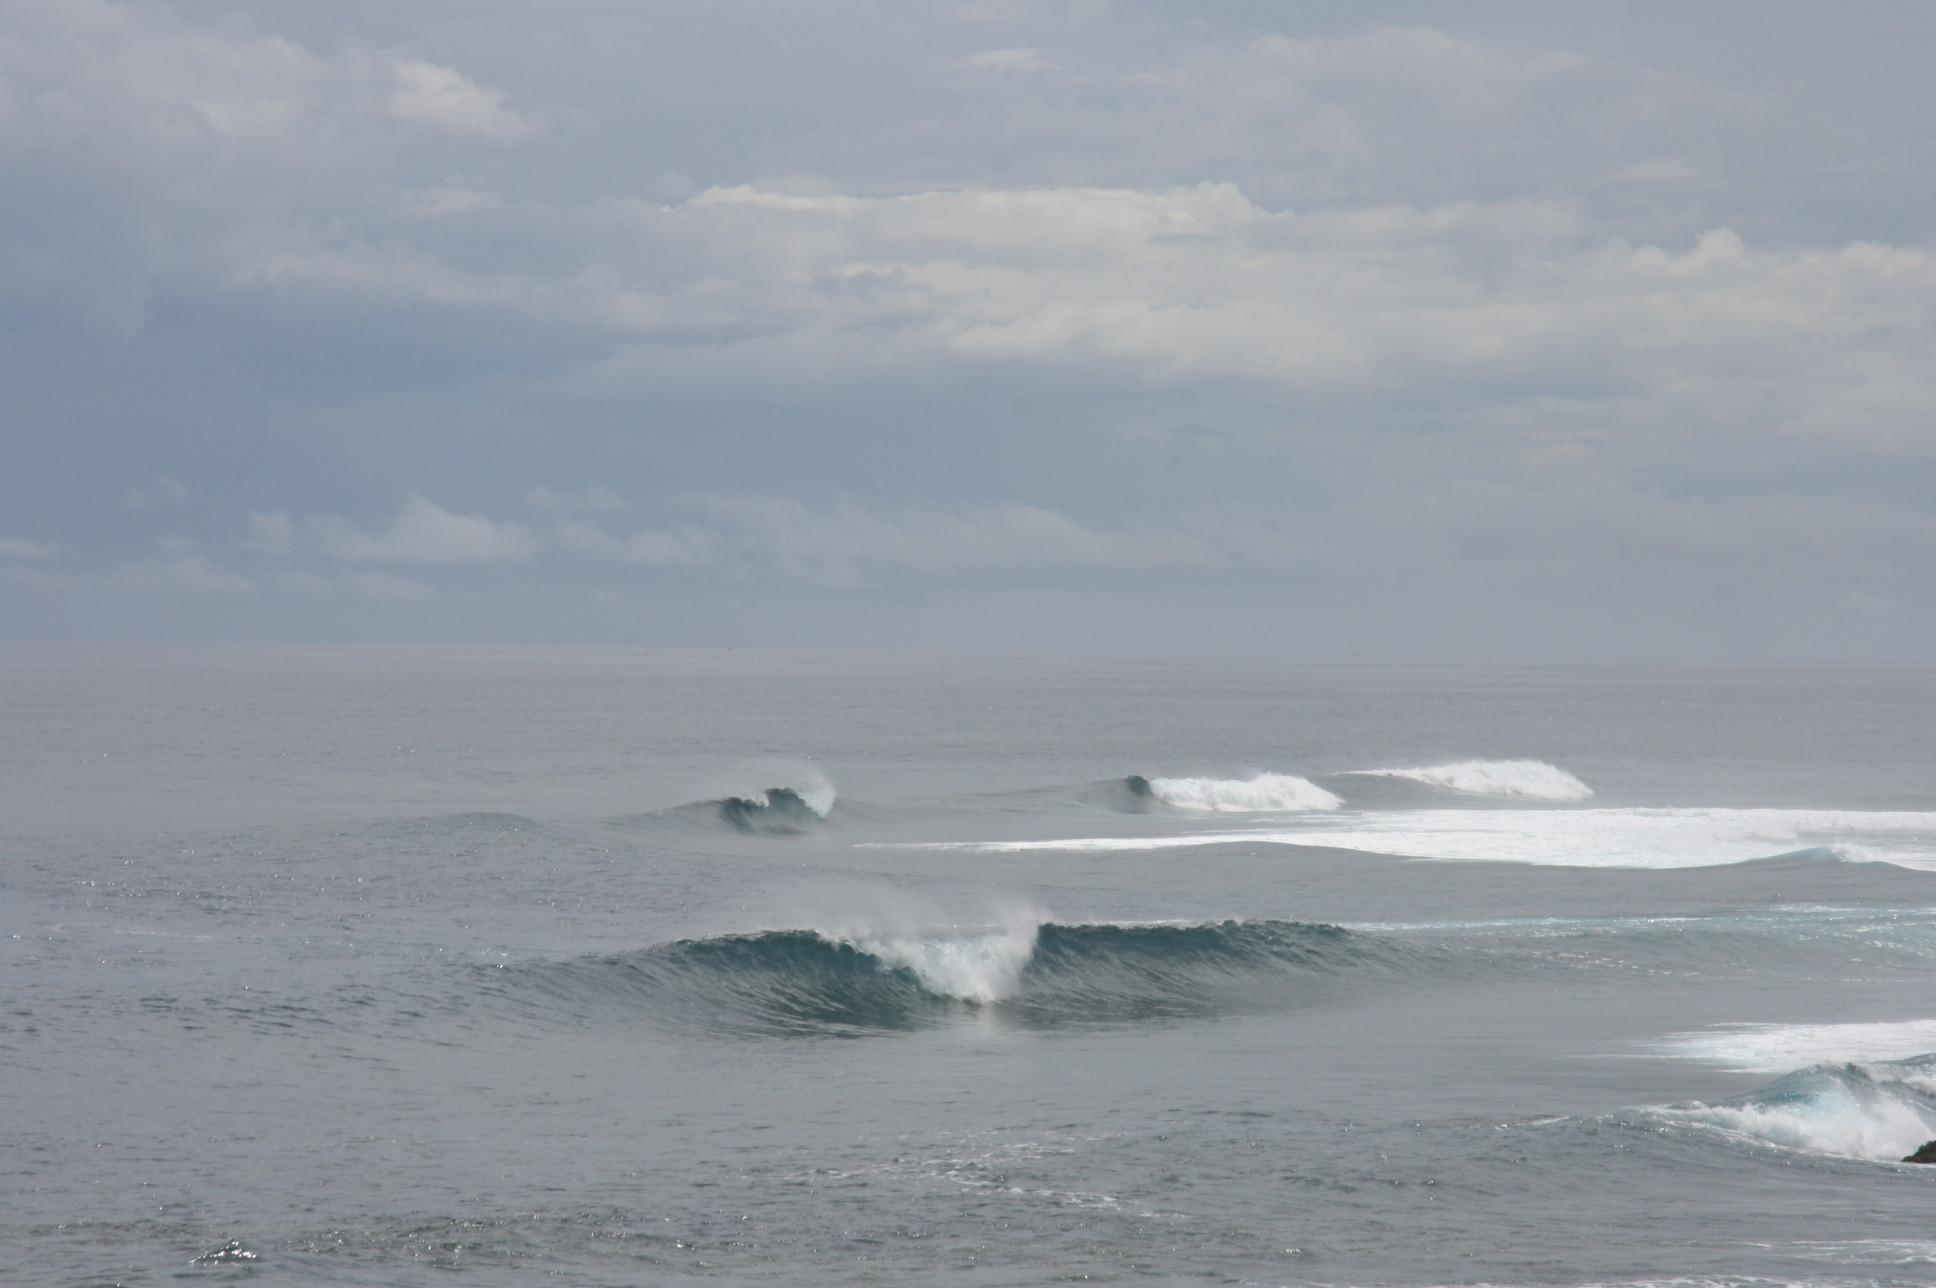 seabreeze resort aufagna south coast samoa 09.jpg